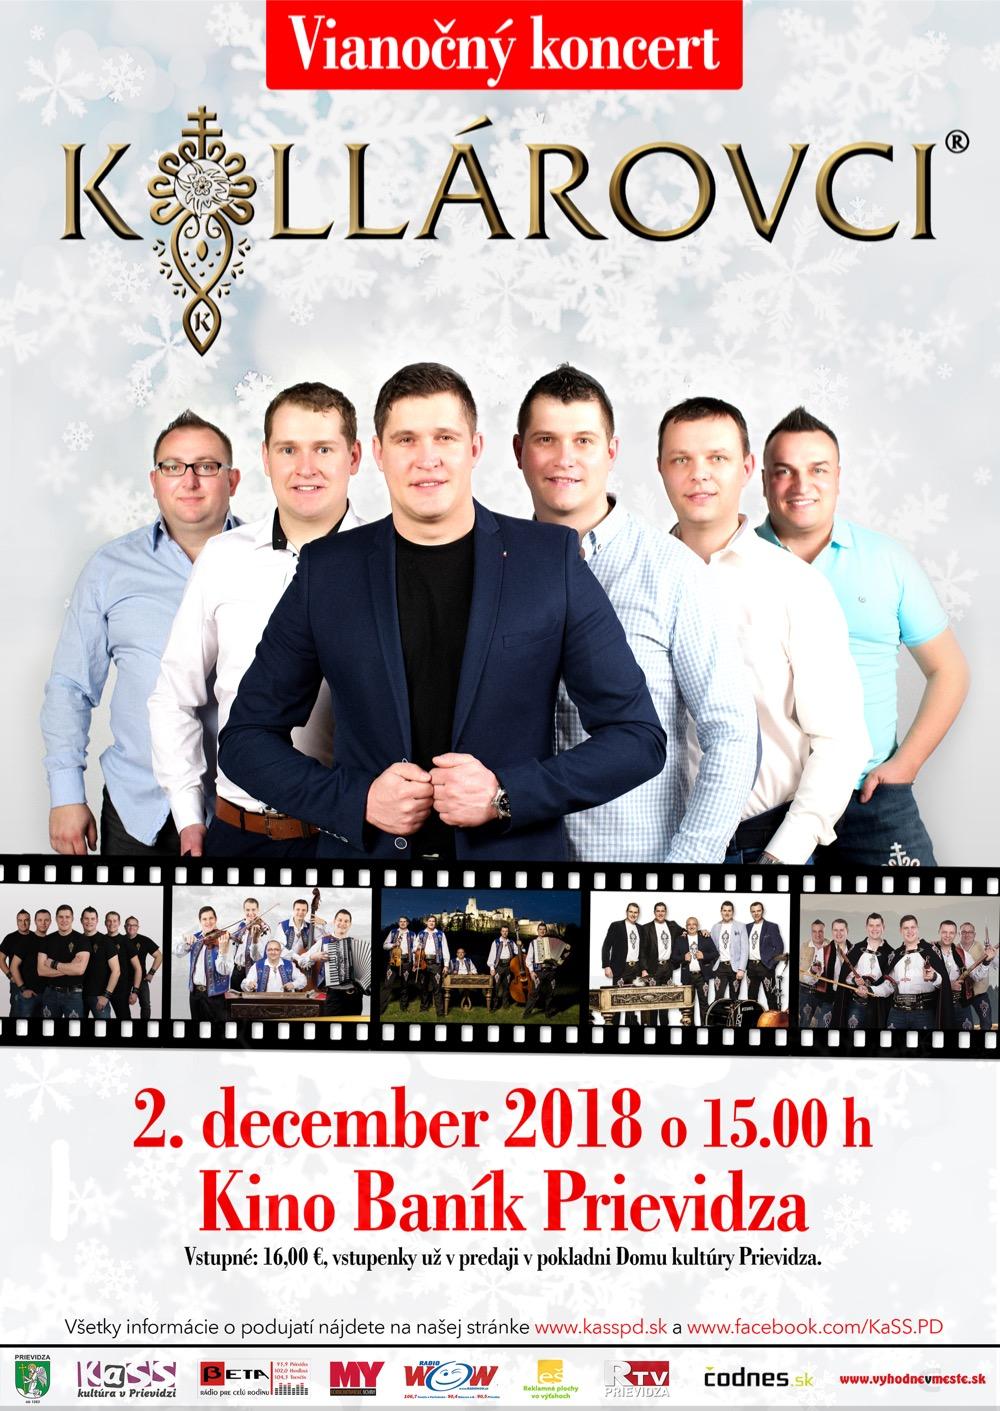 Kollárovci - Vianočný koncert